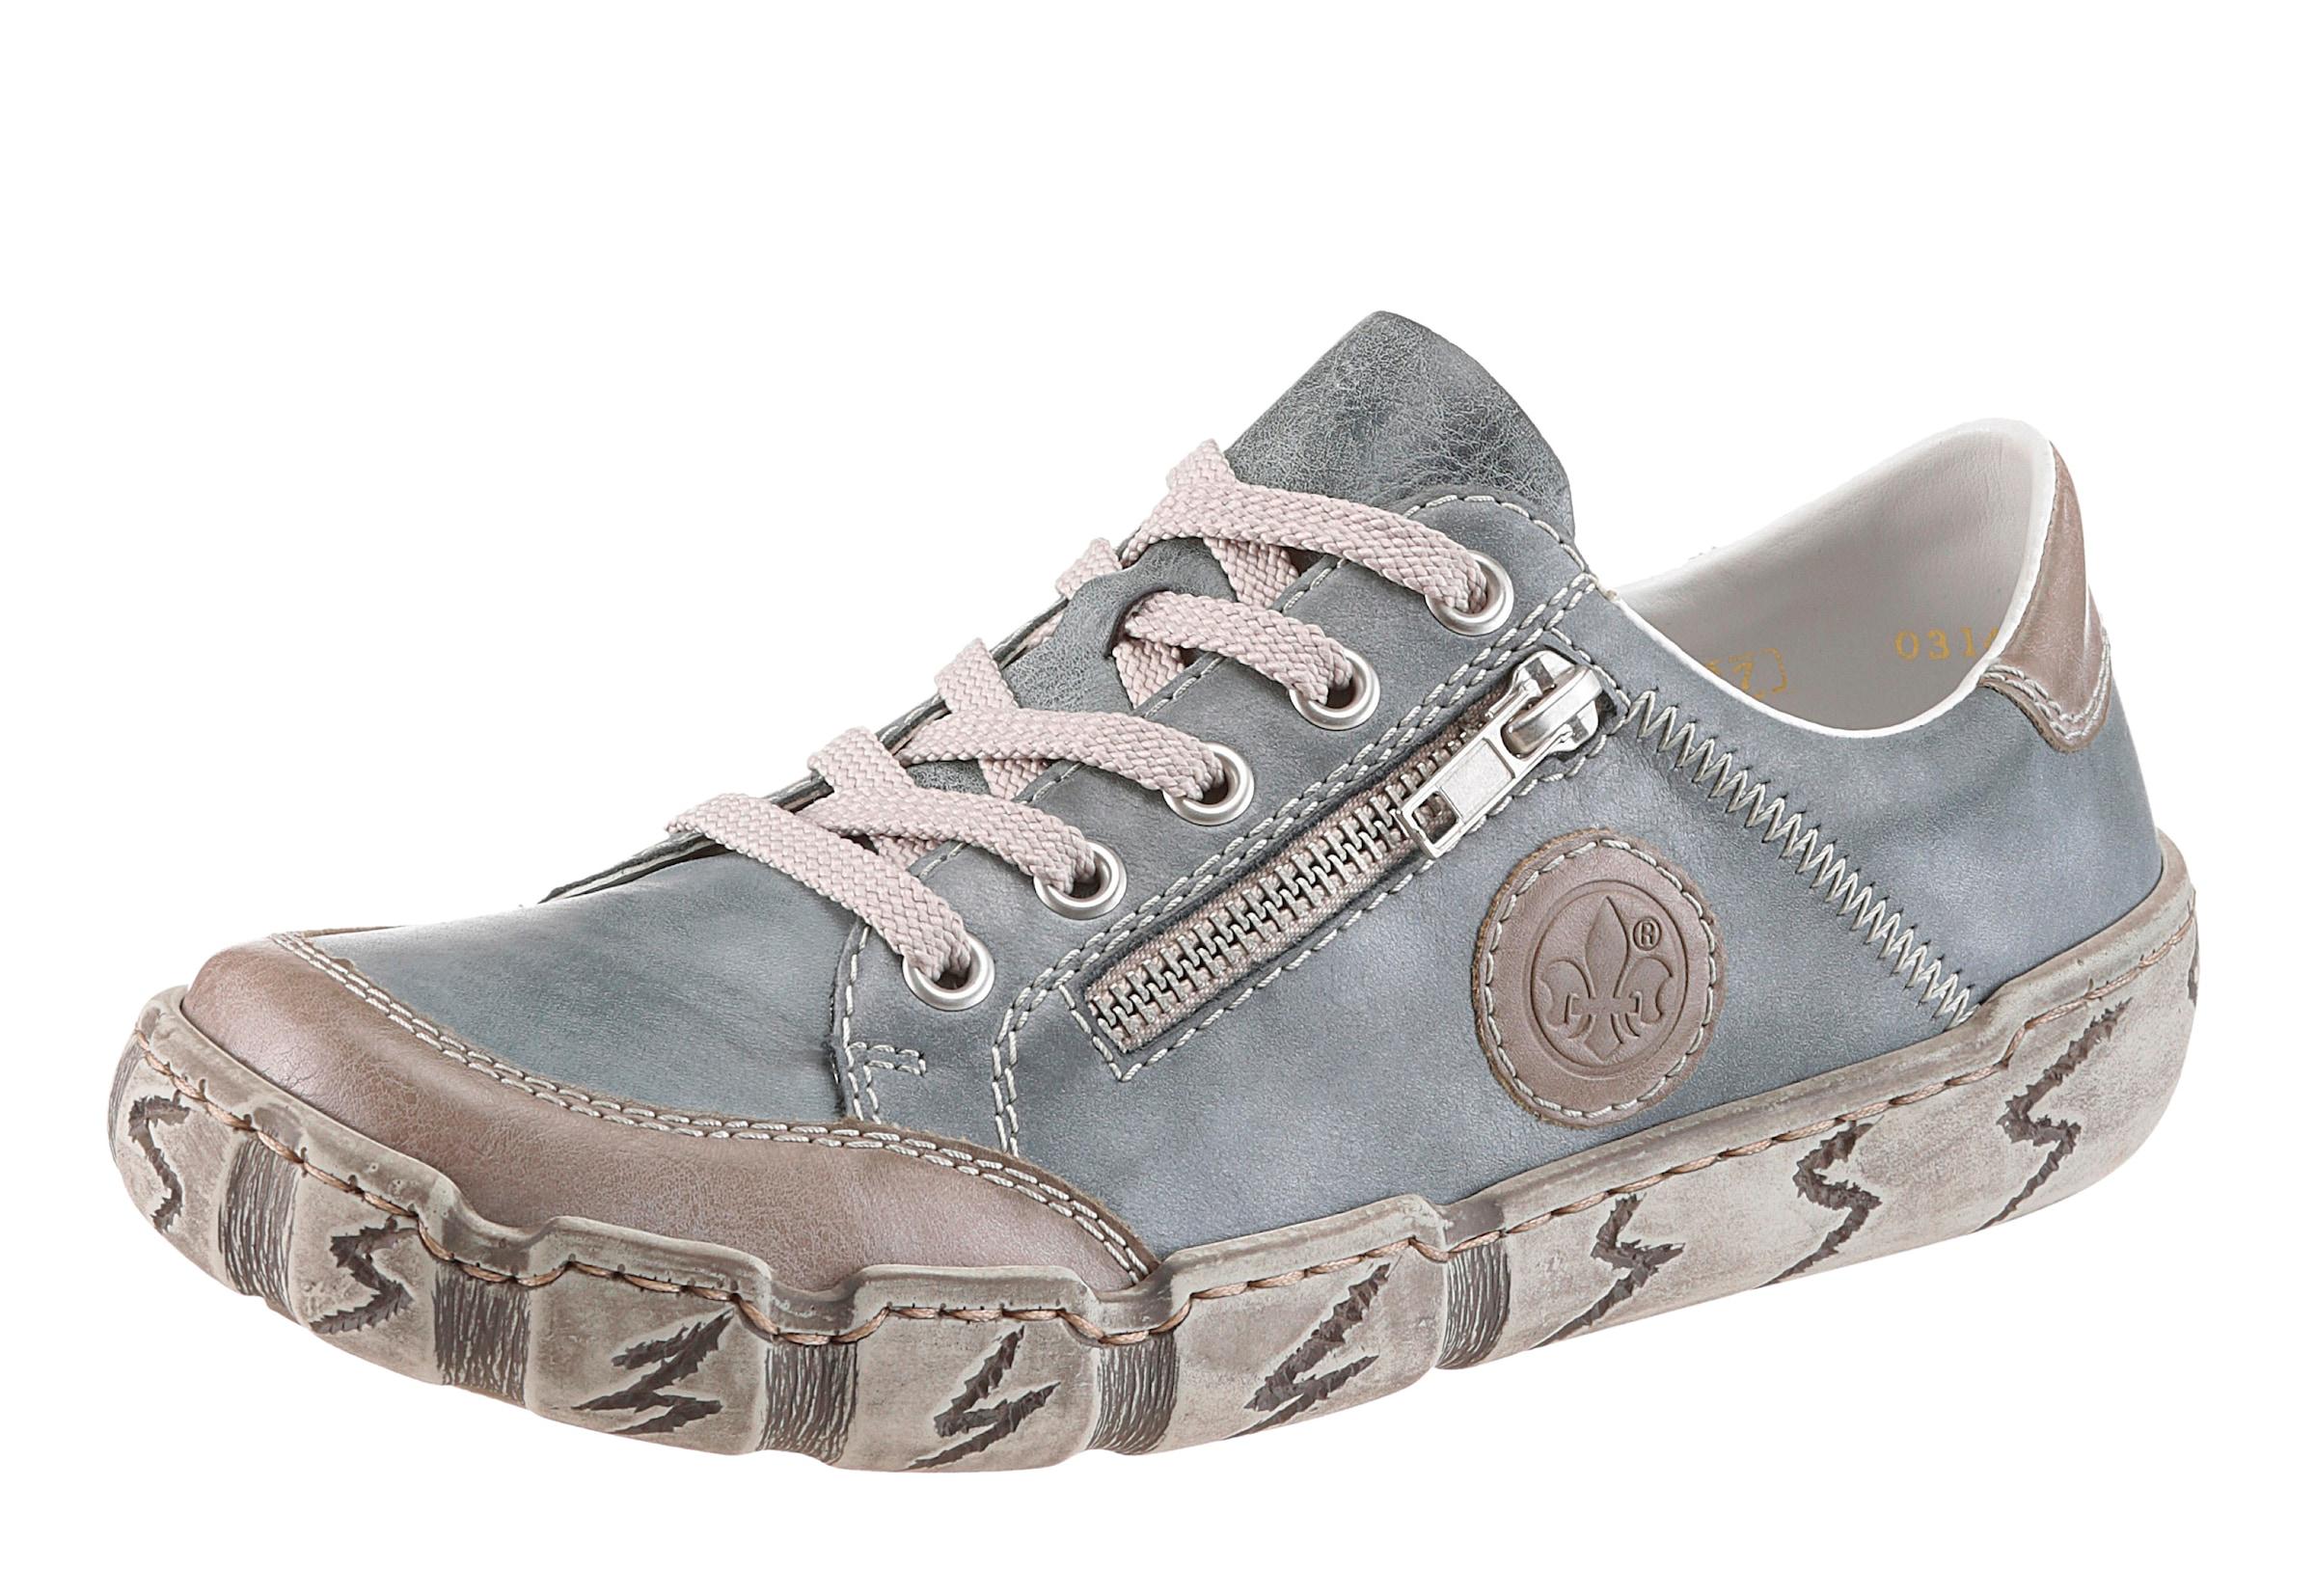 Rieker Sneaker mit Zierreißverschluss online kaufen | BAUR